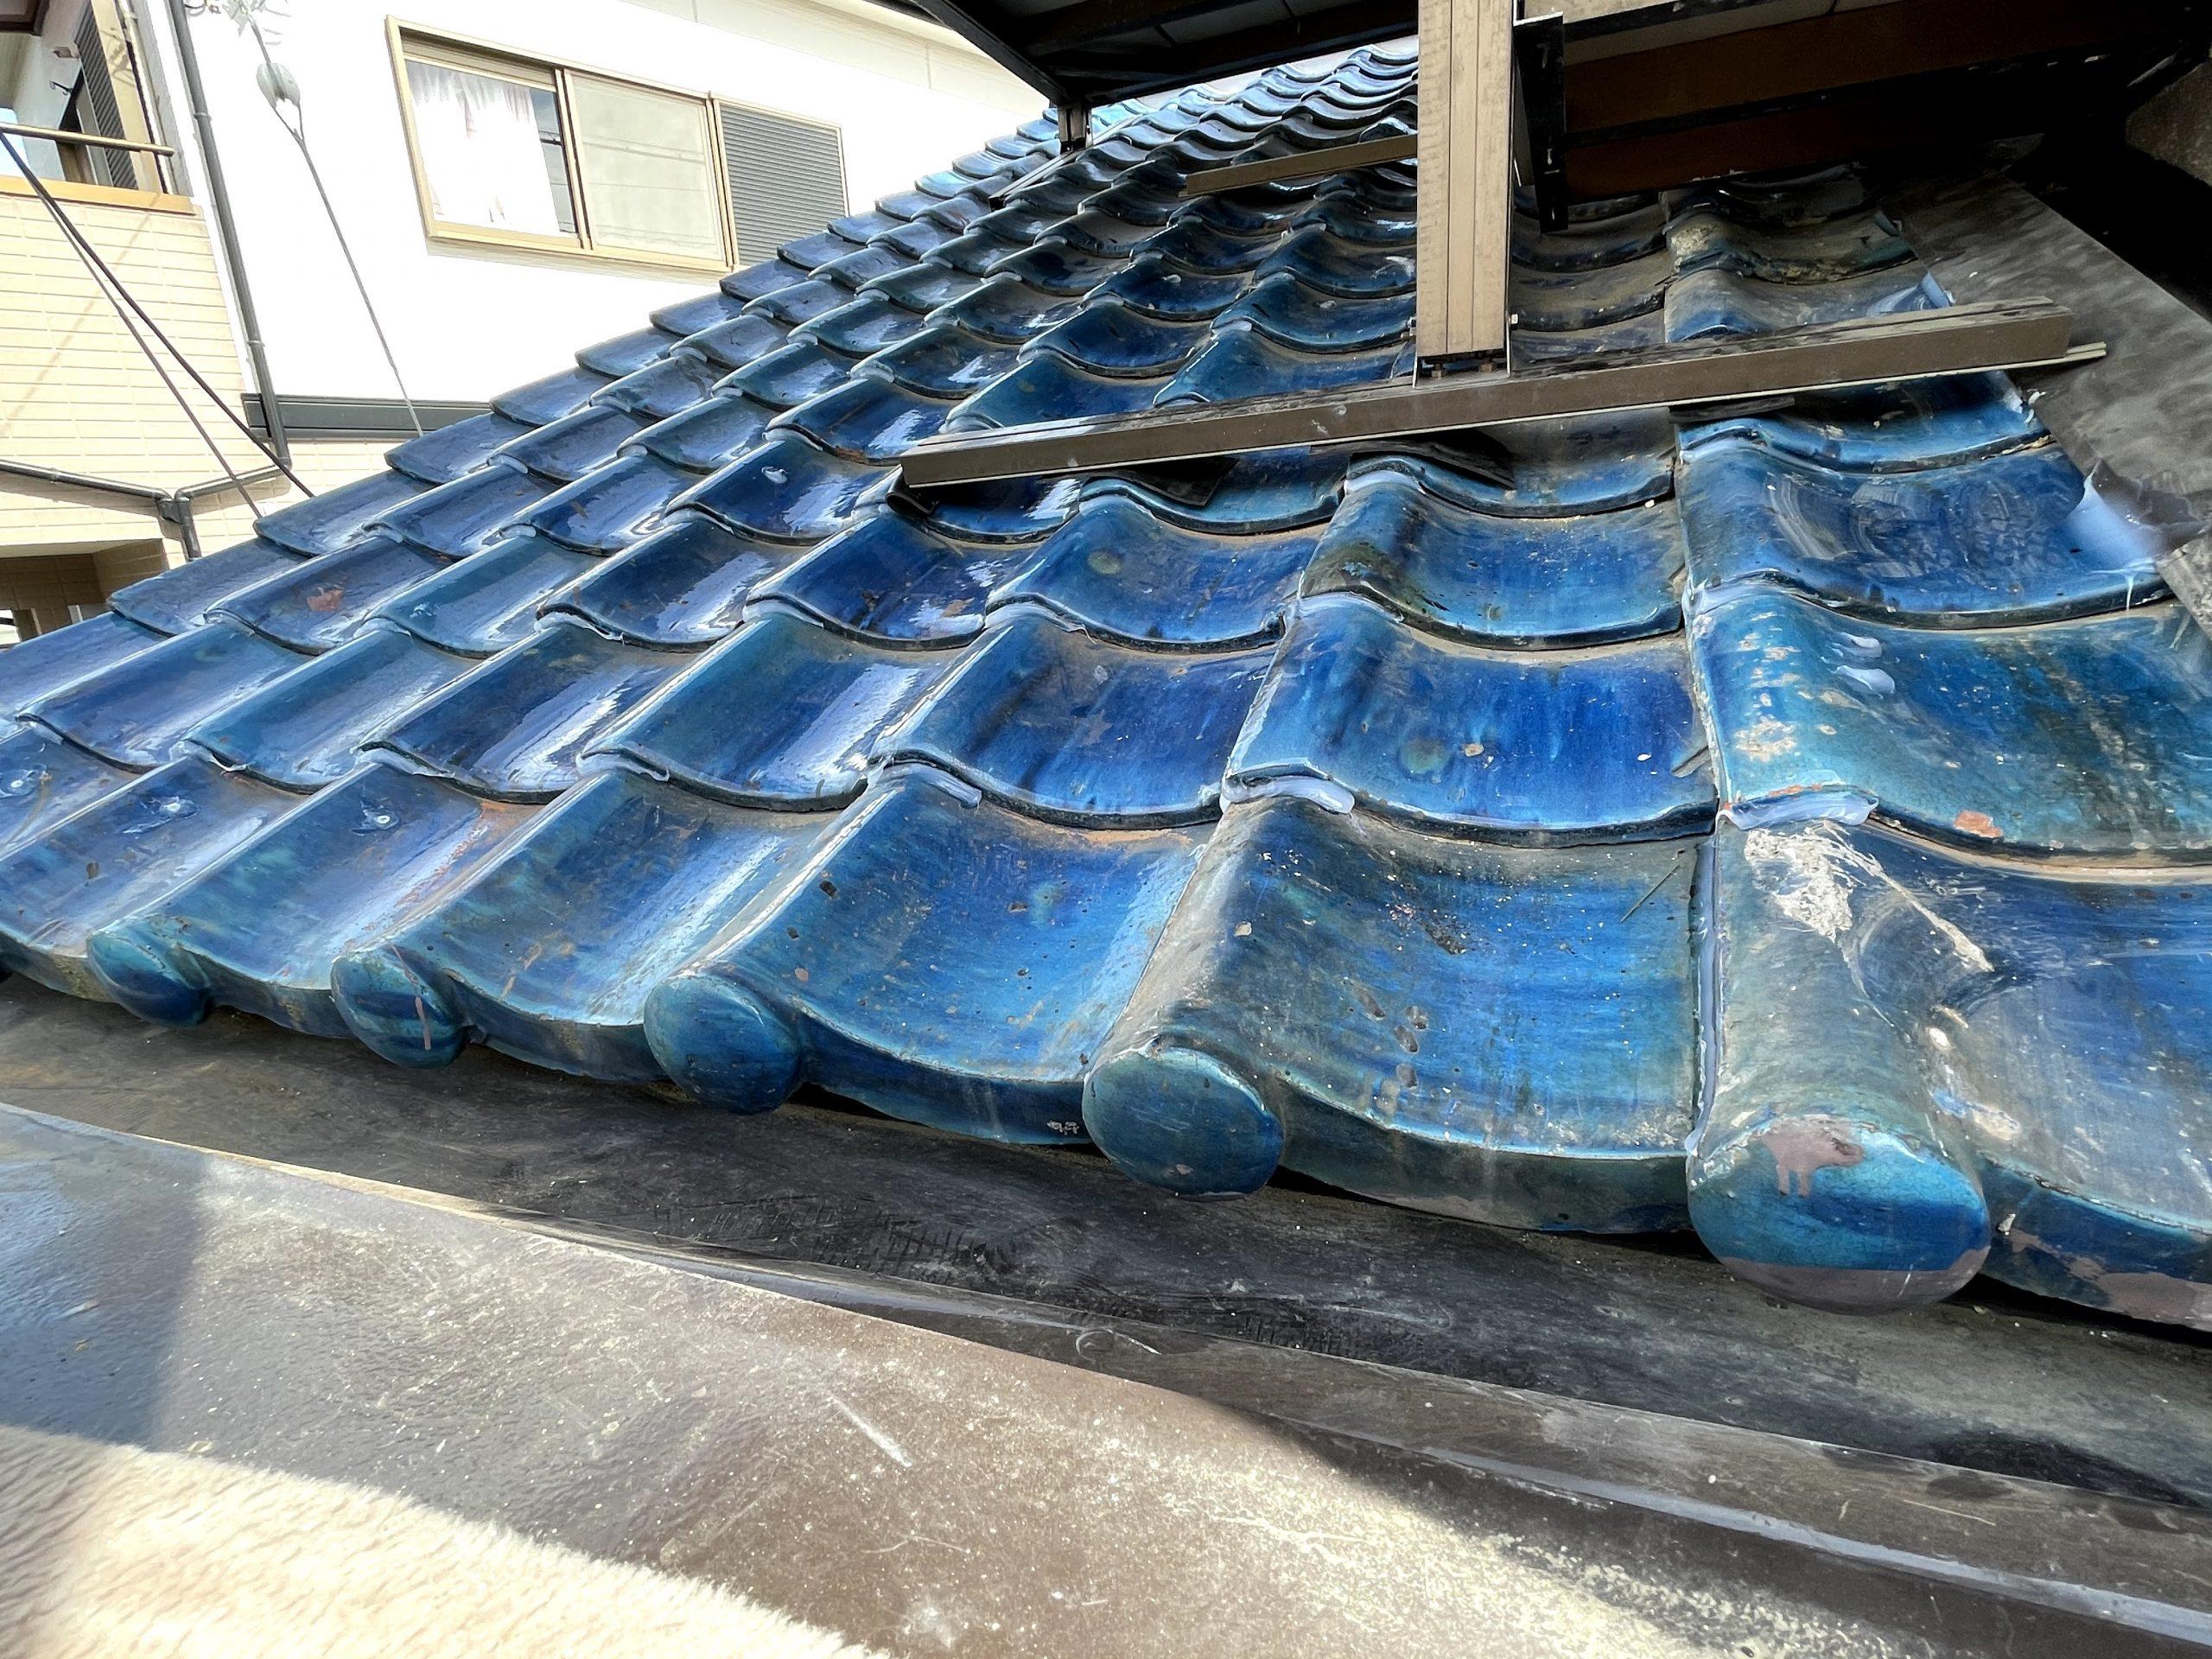 貝塚市で行った雨漏り修理